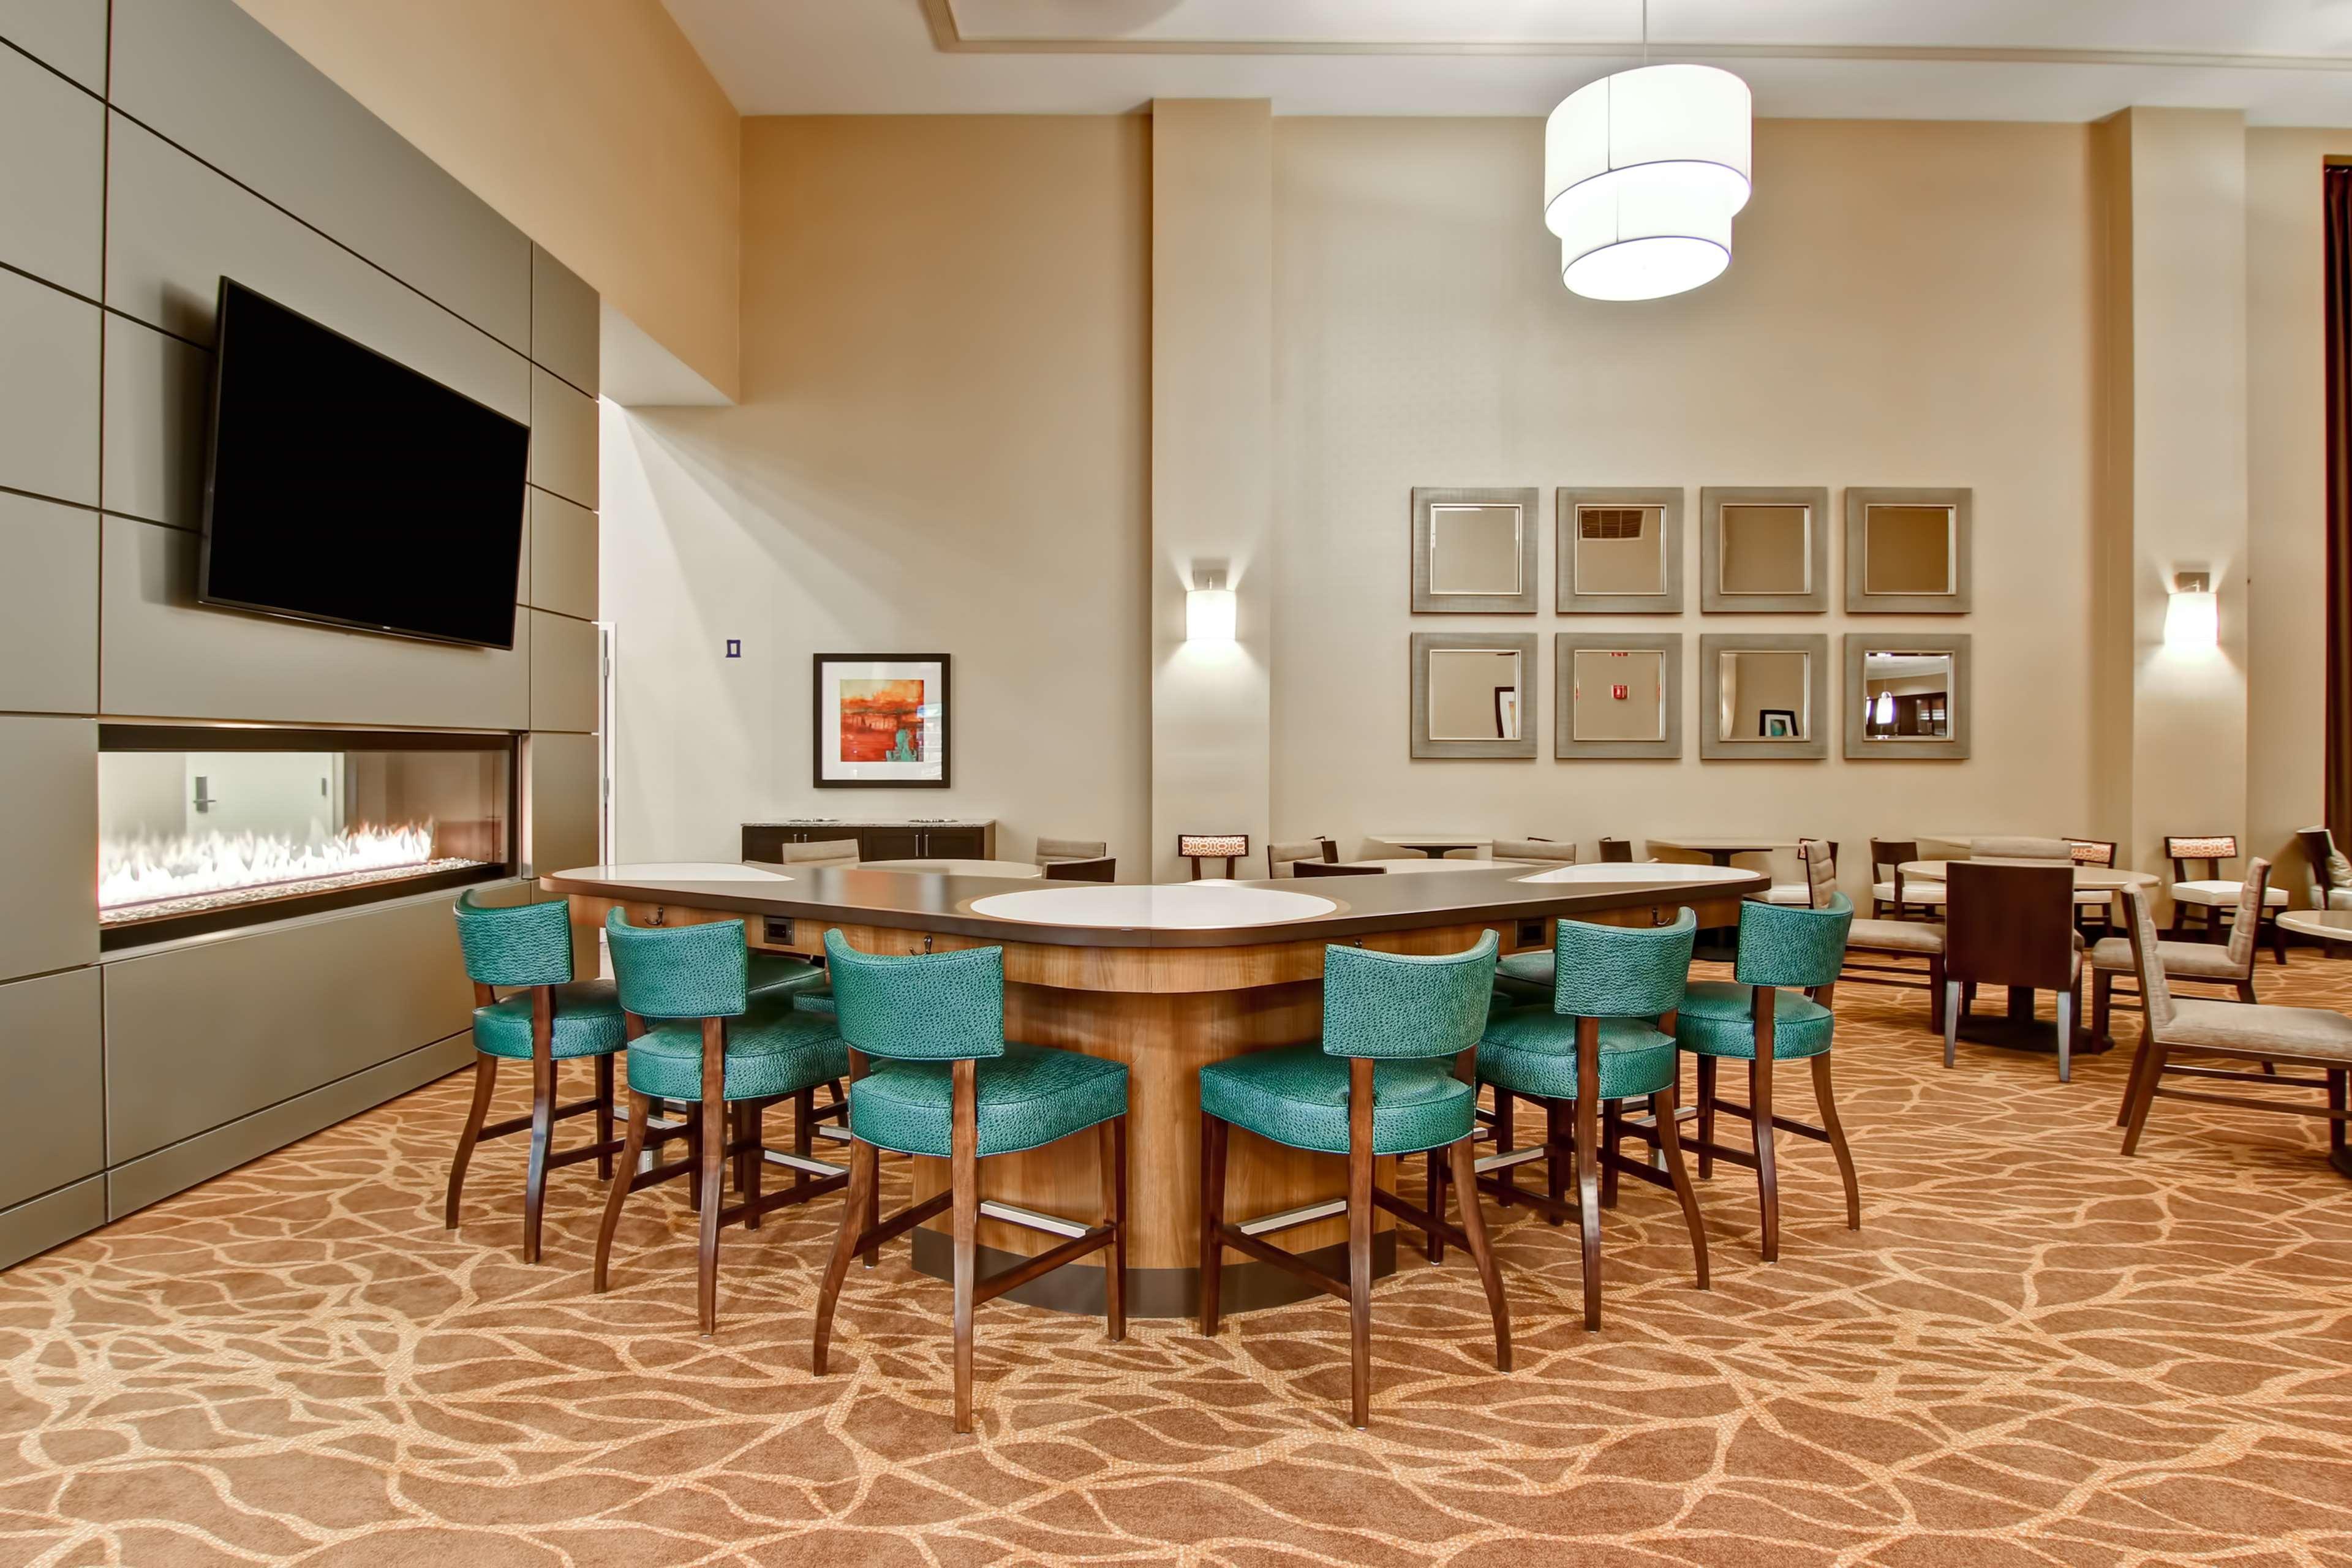 Homewood Suites by Hilton Palo Alto image 14